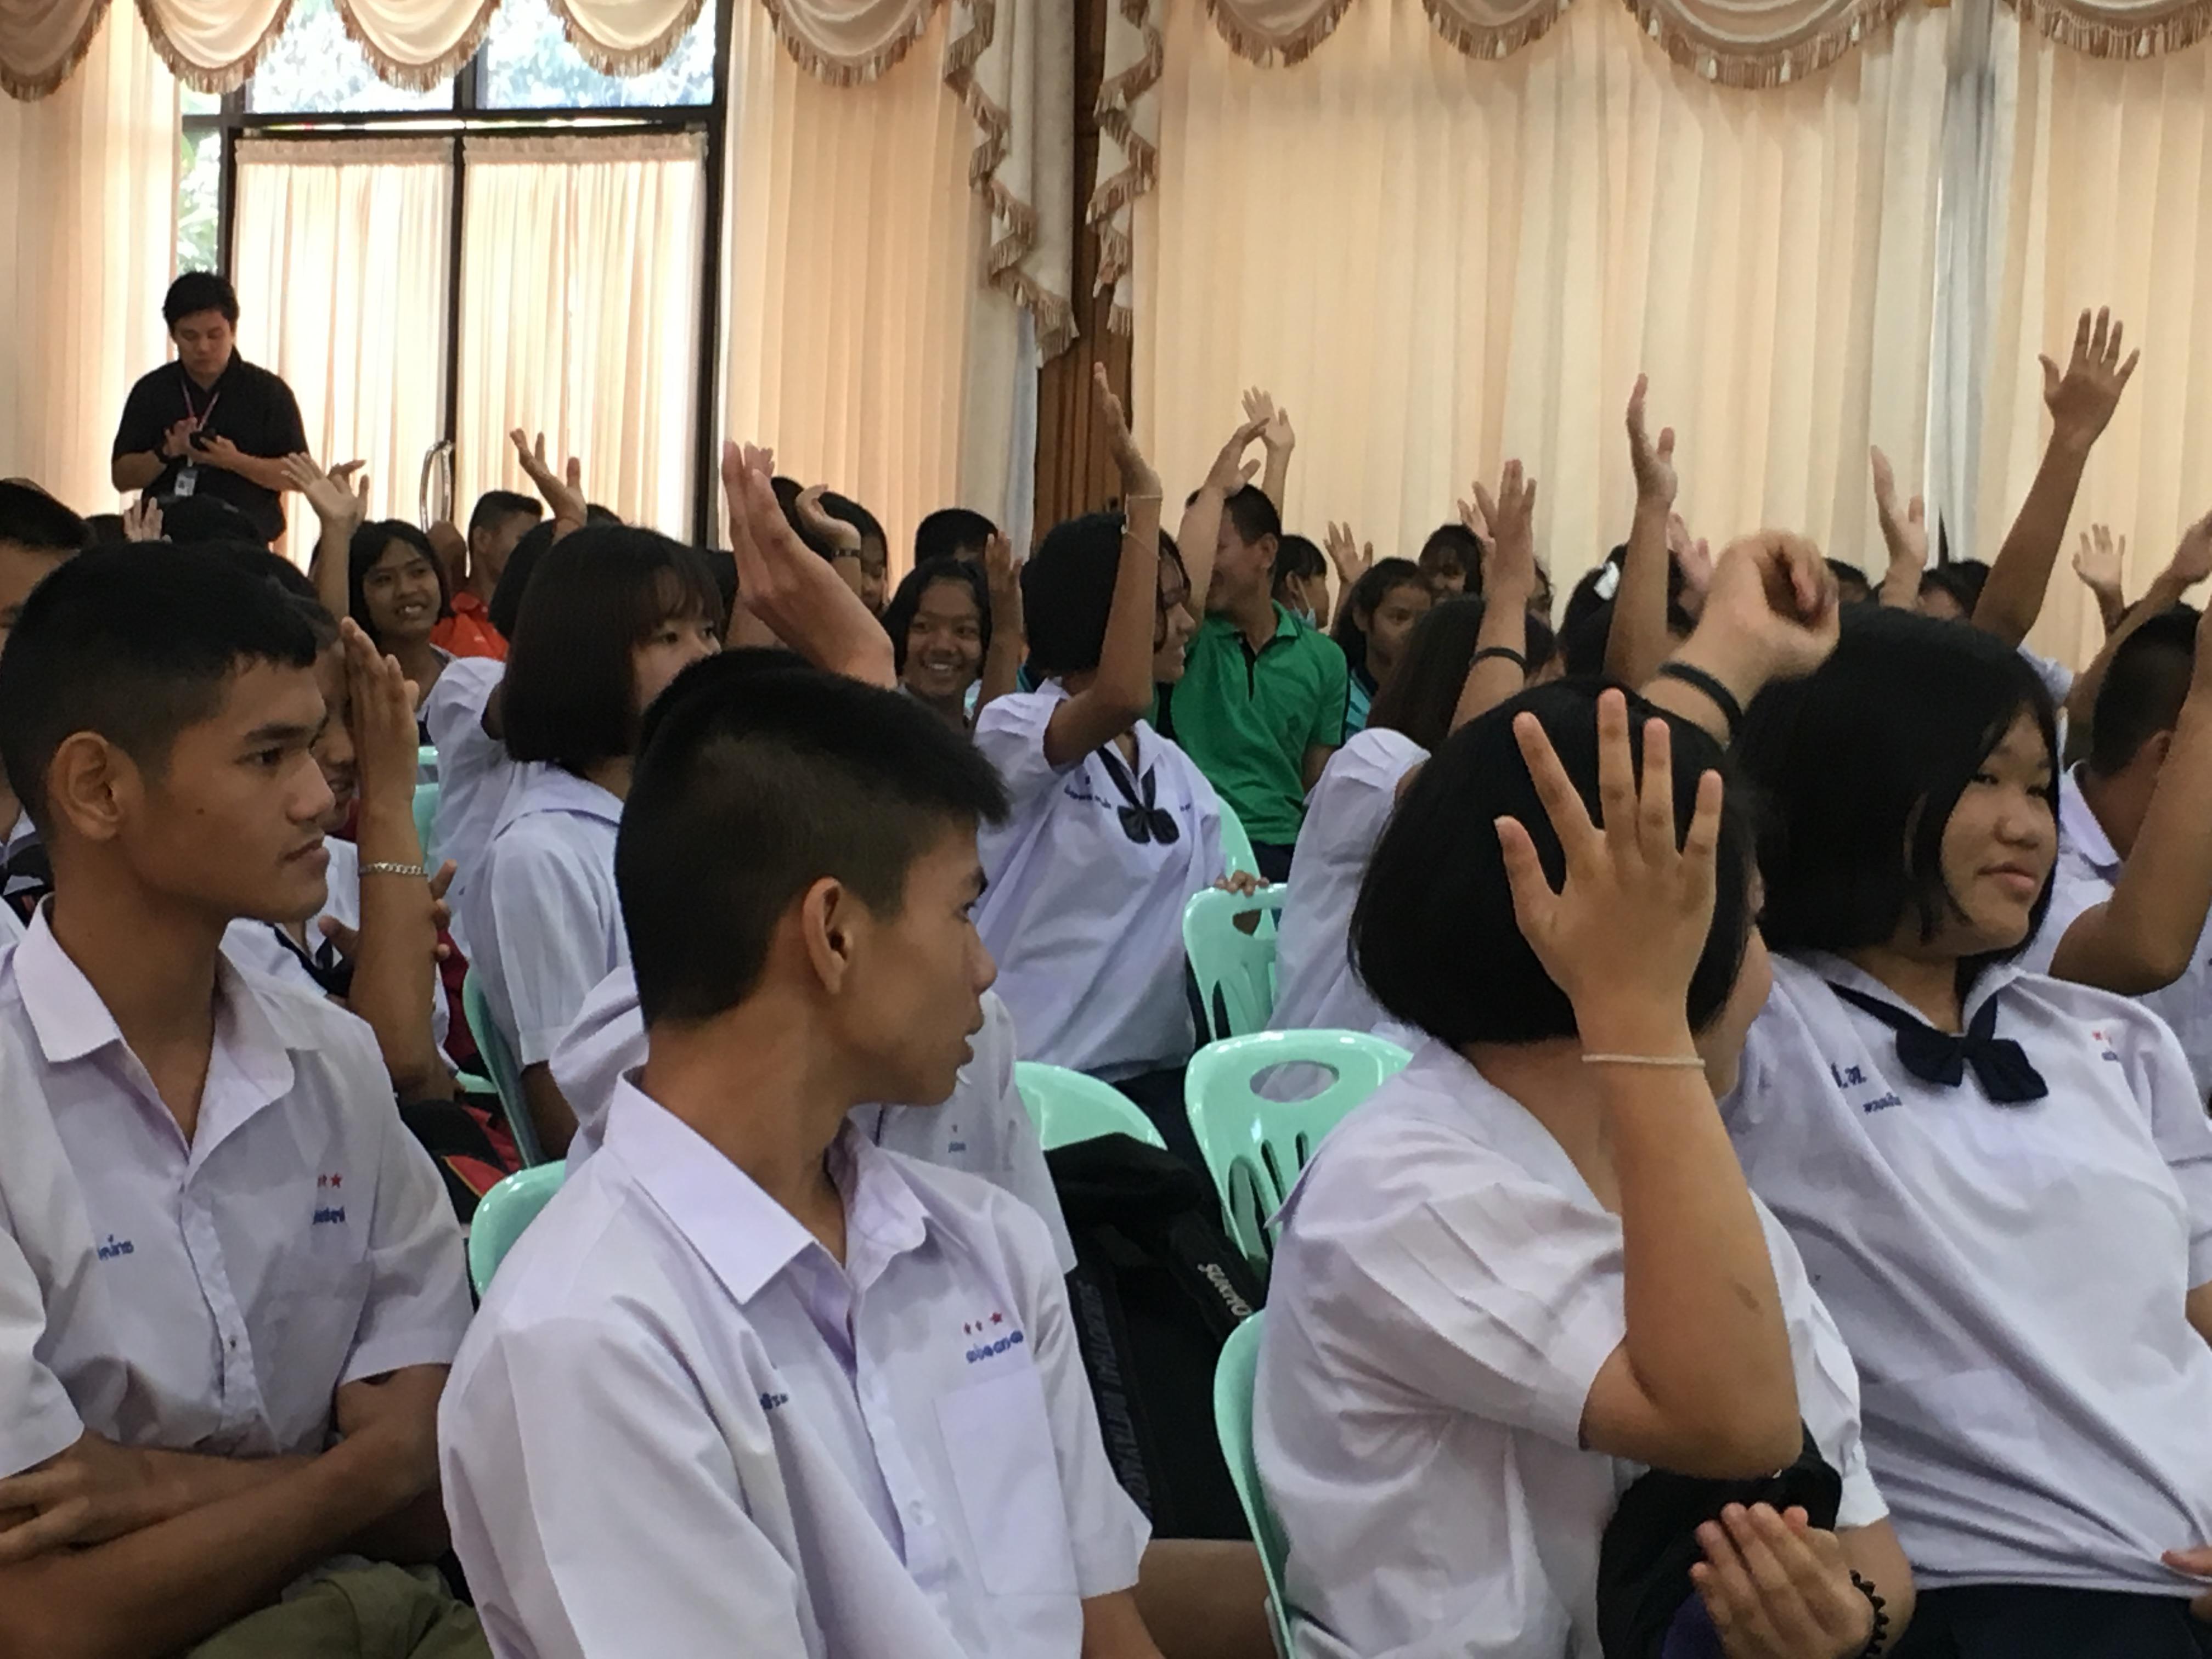 วันที่ 31 สิงหาคม 2560 เวลา 09.00 น. เจ้าหน้าที่สำนักงานจัดหางานจังหวัดสุโขทัย ร่วมบรรยายให้ความรู้เ